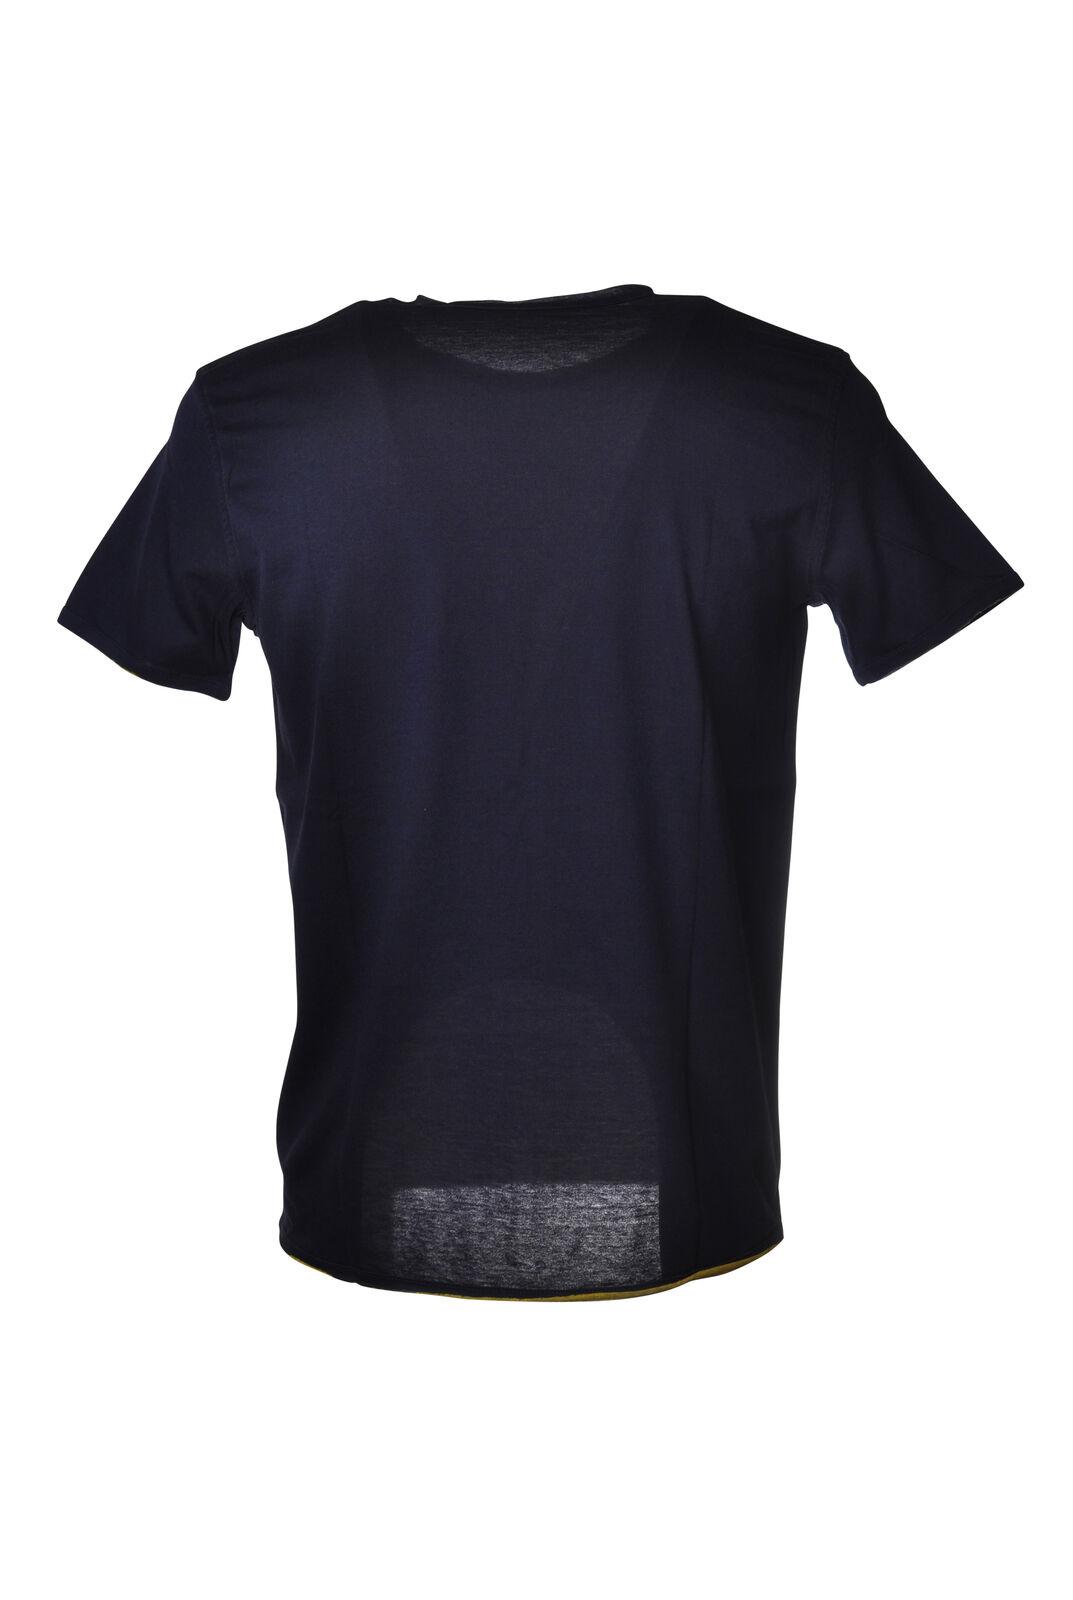 Bob 5267917L184204 - Topwear-T-shirts - Man - blu - 5267917L184204 Bob 5b2595